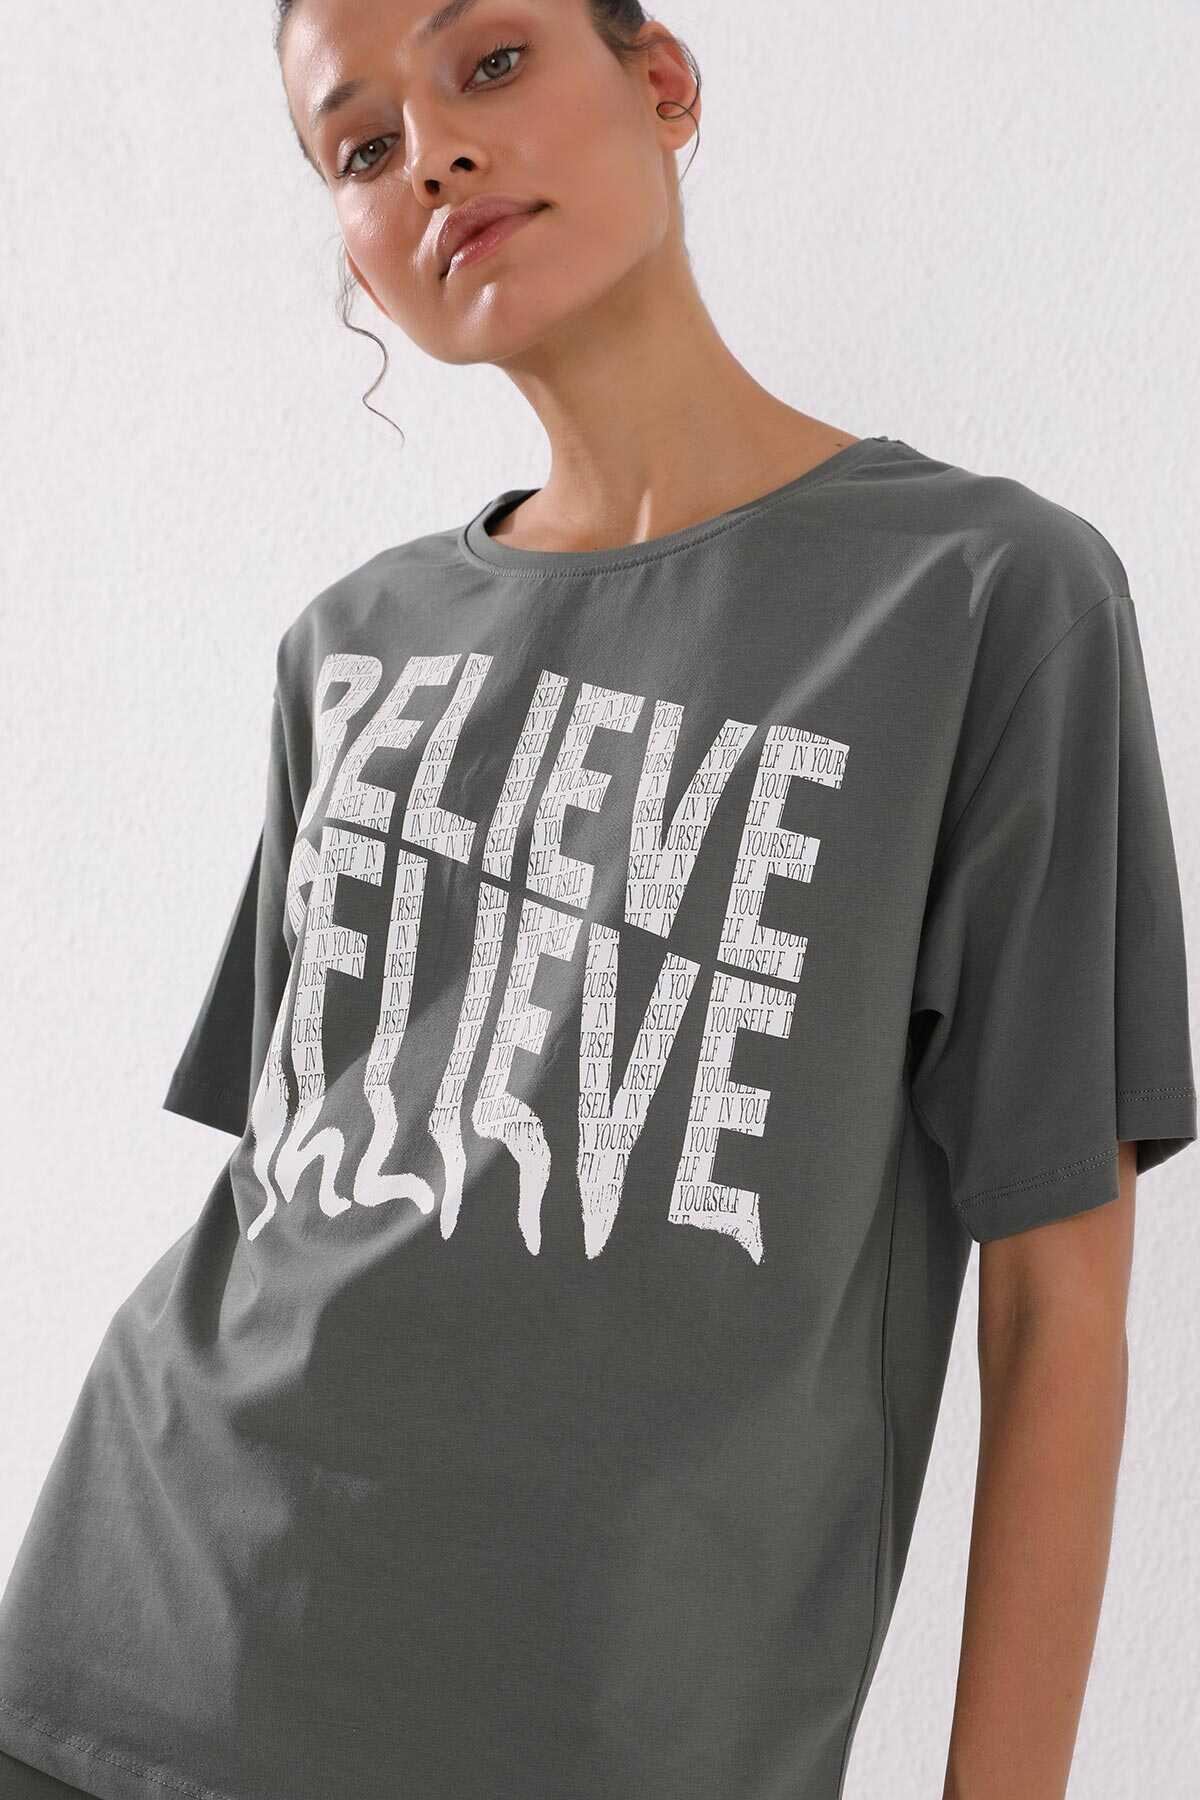 Tommy Life Toptan Çağla Kadın Deforme Yazı Baskılı Oversize O Yaka T-Shirt - 97139